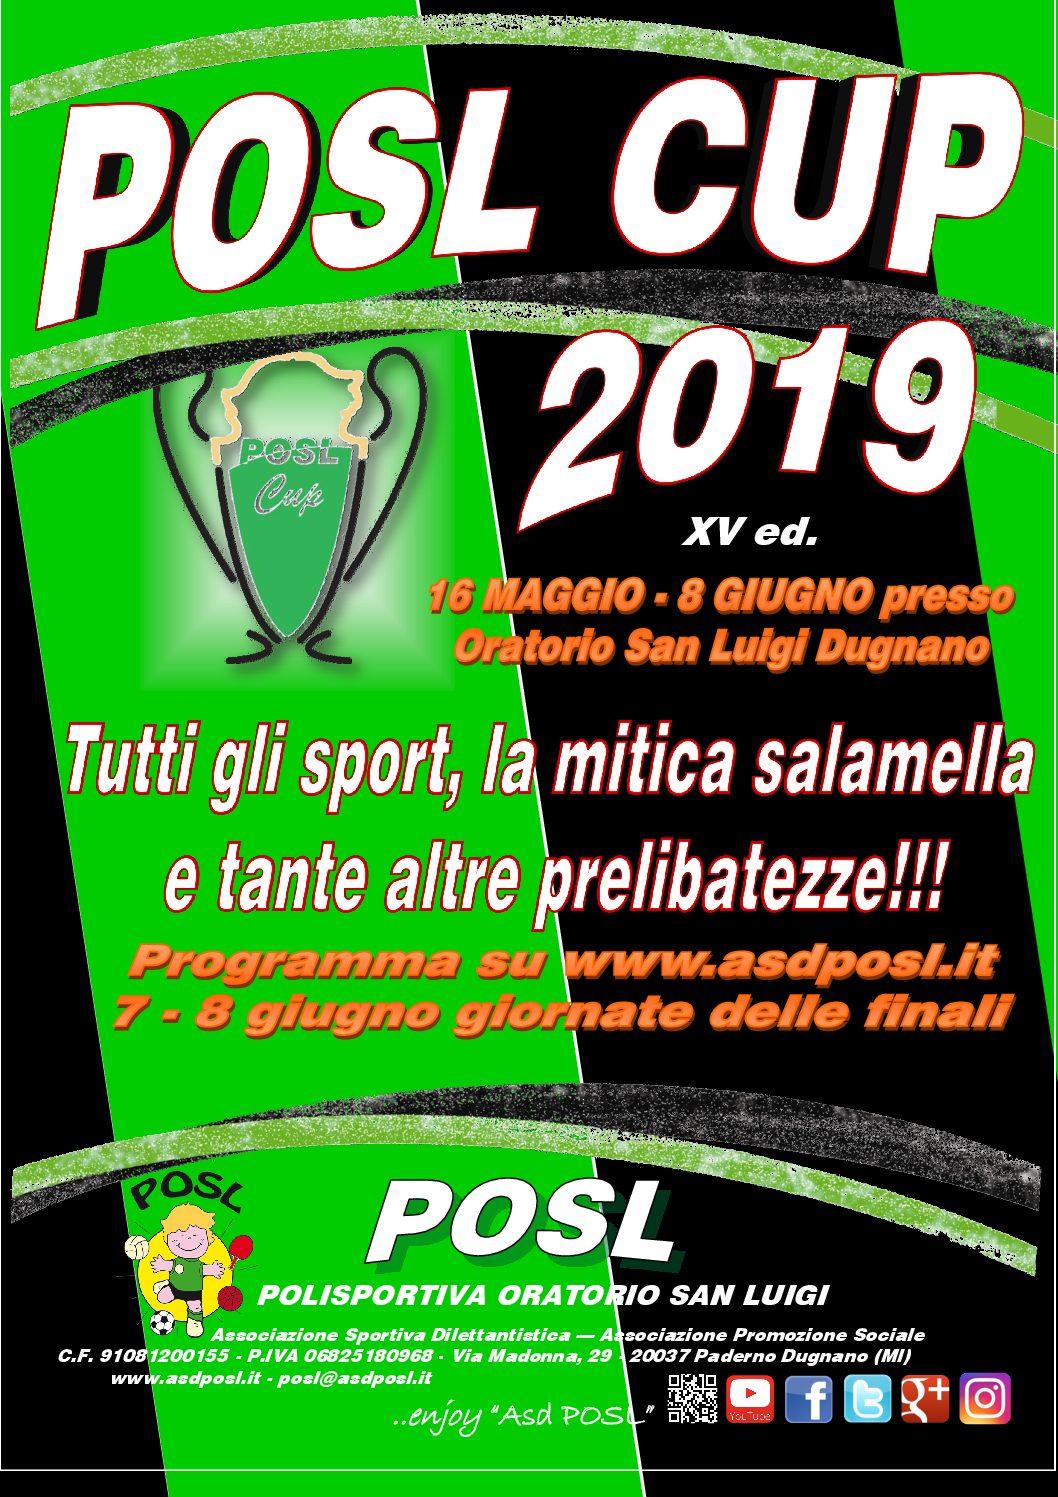 POSL CUP 2019: completata la programmazione